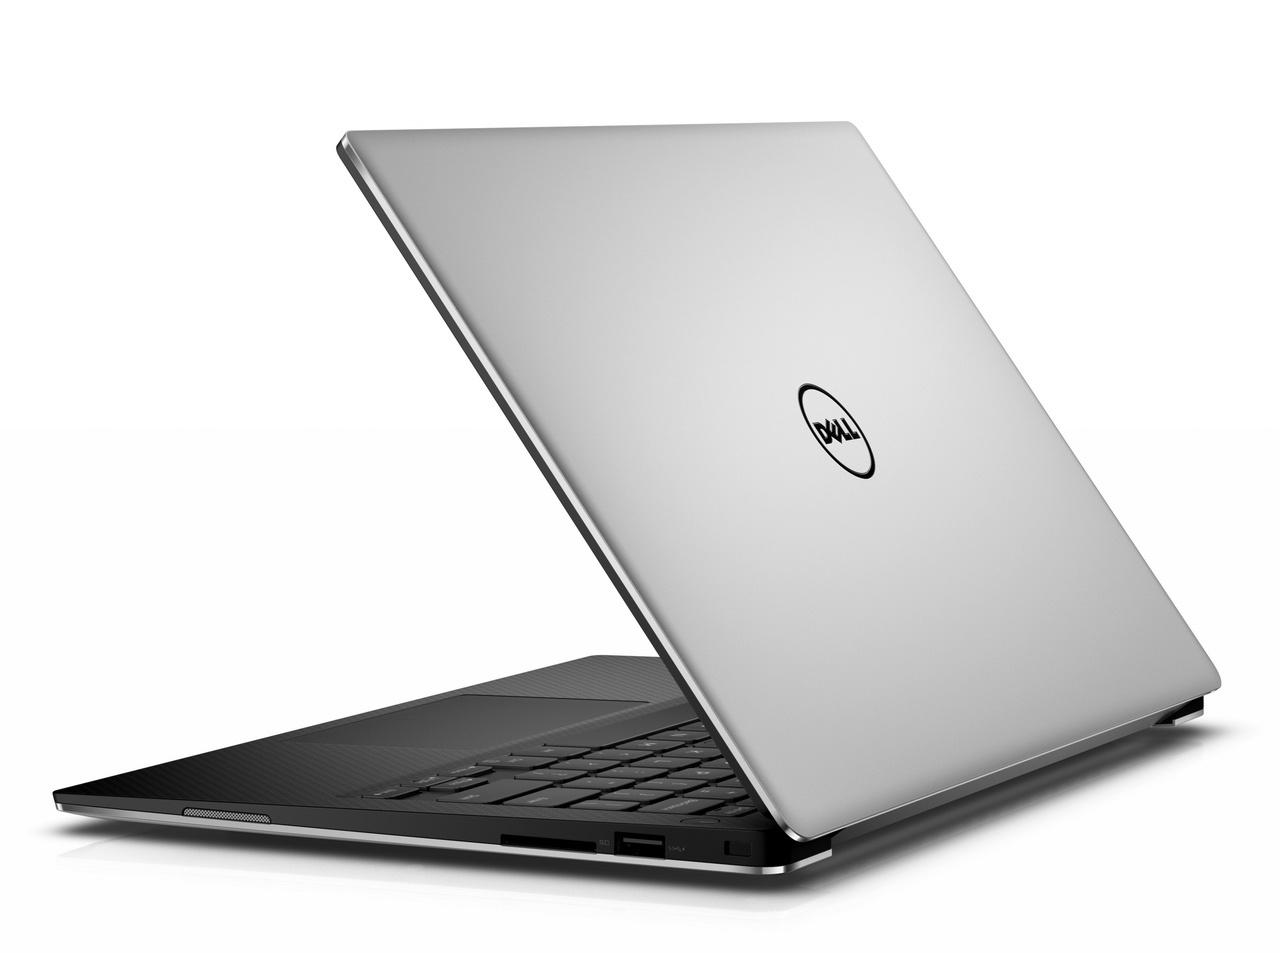 Новый Dell XPS 13: Как уменьшить 13-дюймовый ноутбук с пользой для дела? - 18